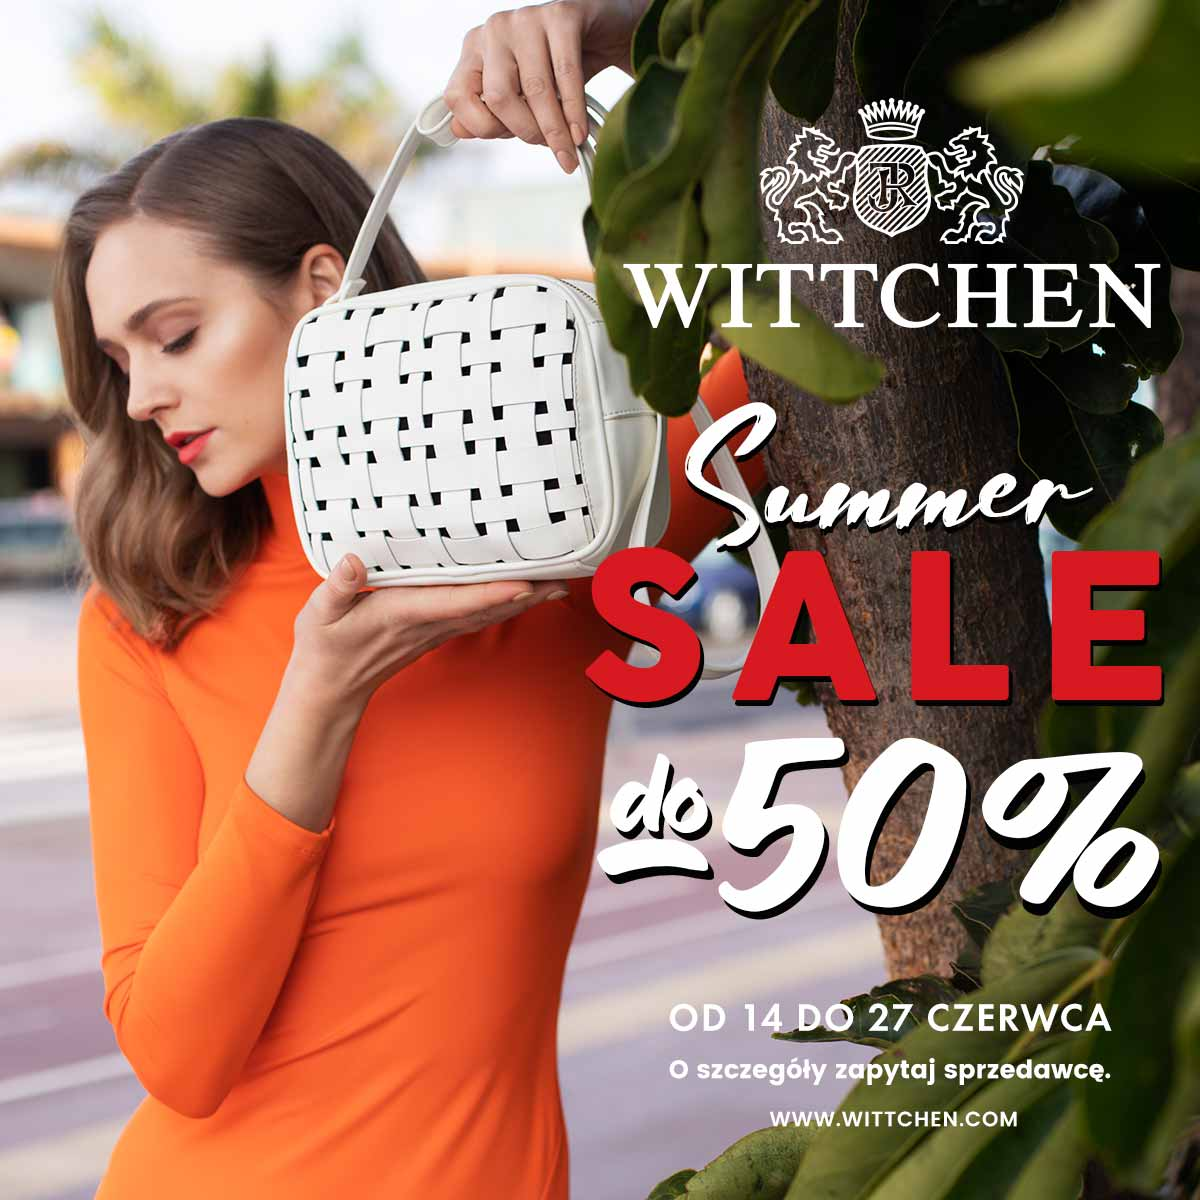 WITTCHEN: summer sale do -50%